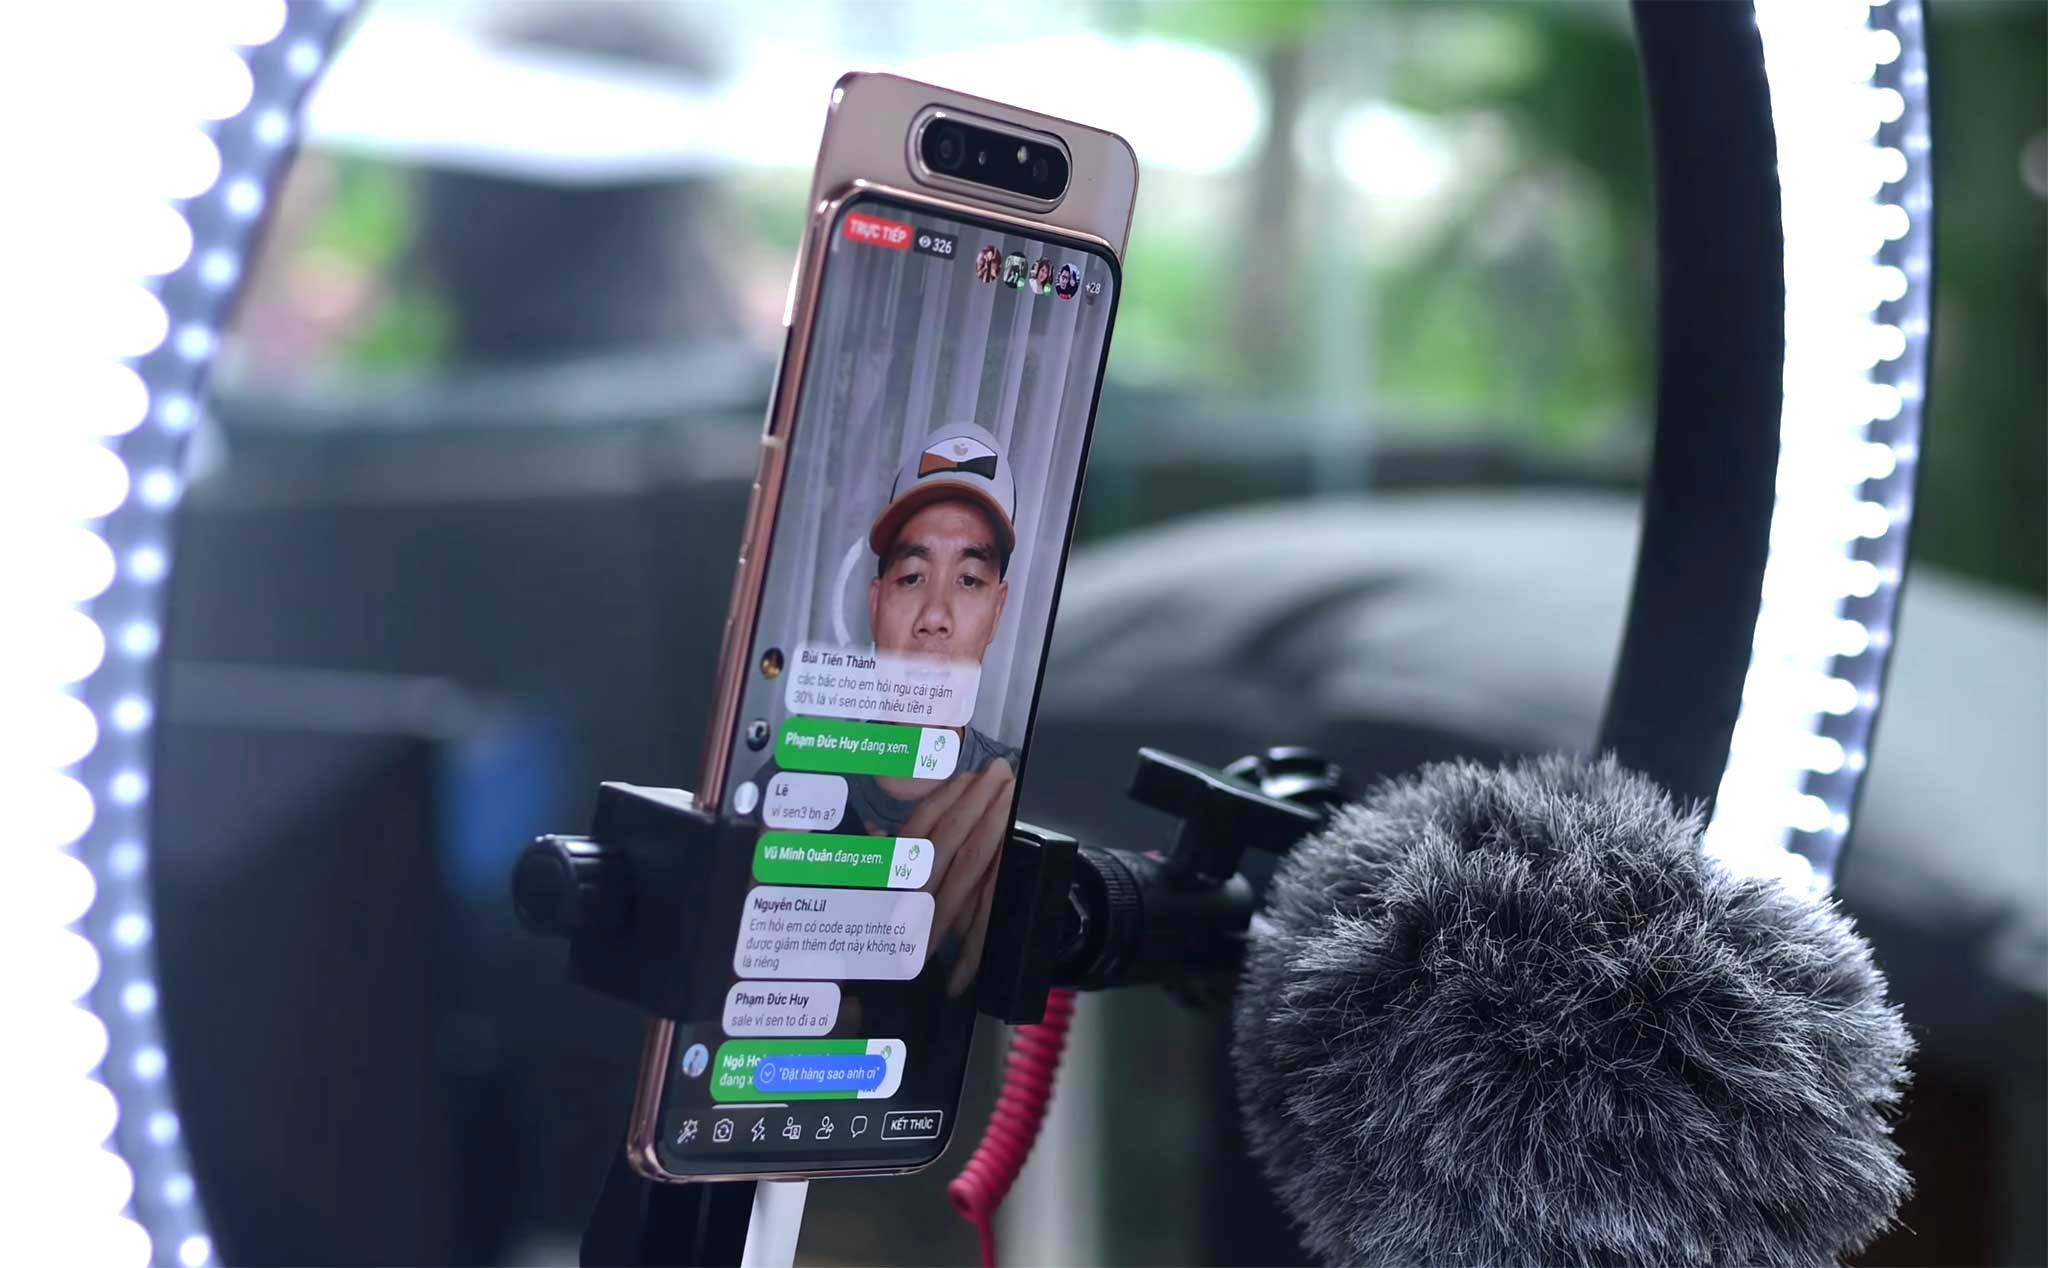 live stream fb bằng điện thoại